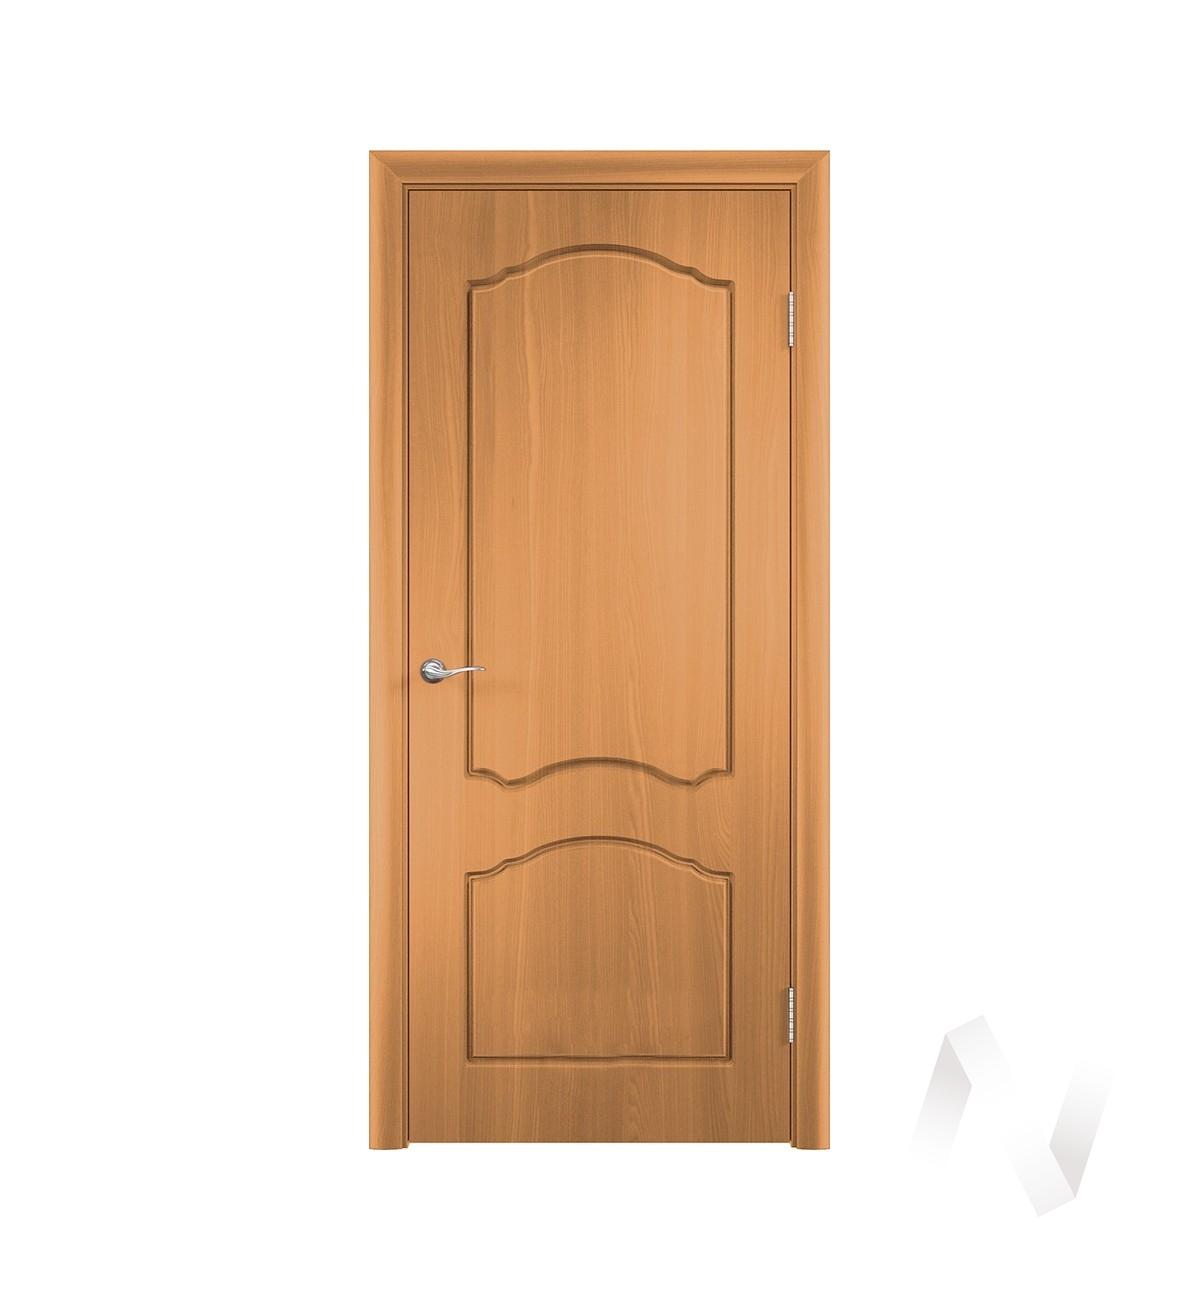 Дверь ПВХ Тип Азалия, 60, глухая, миланский орех  в Томске — интернет магазин МИРА-мебель